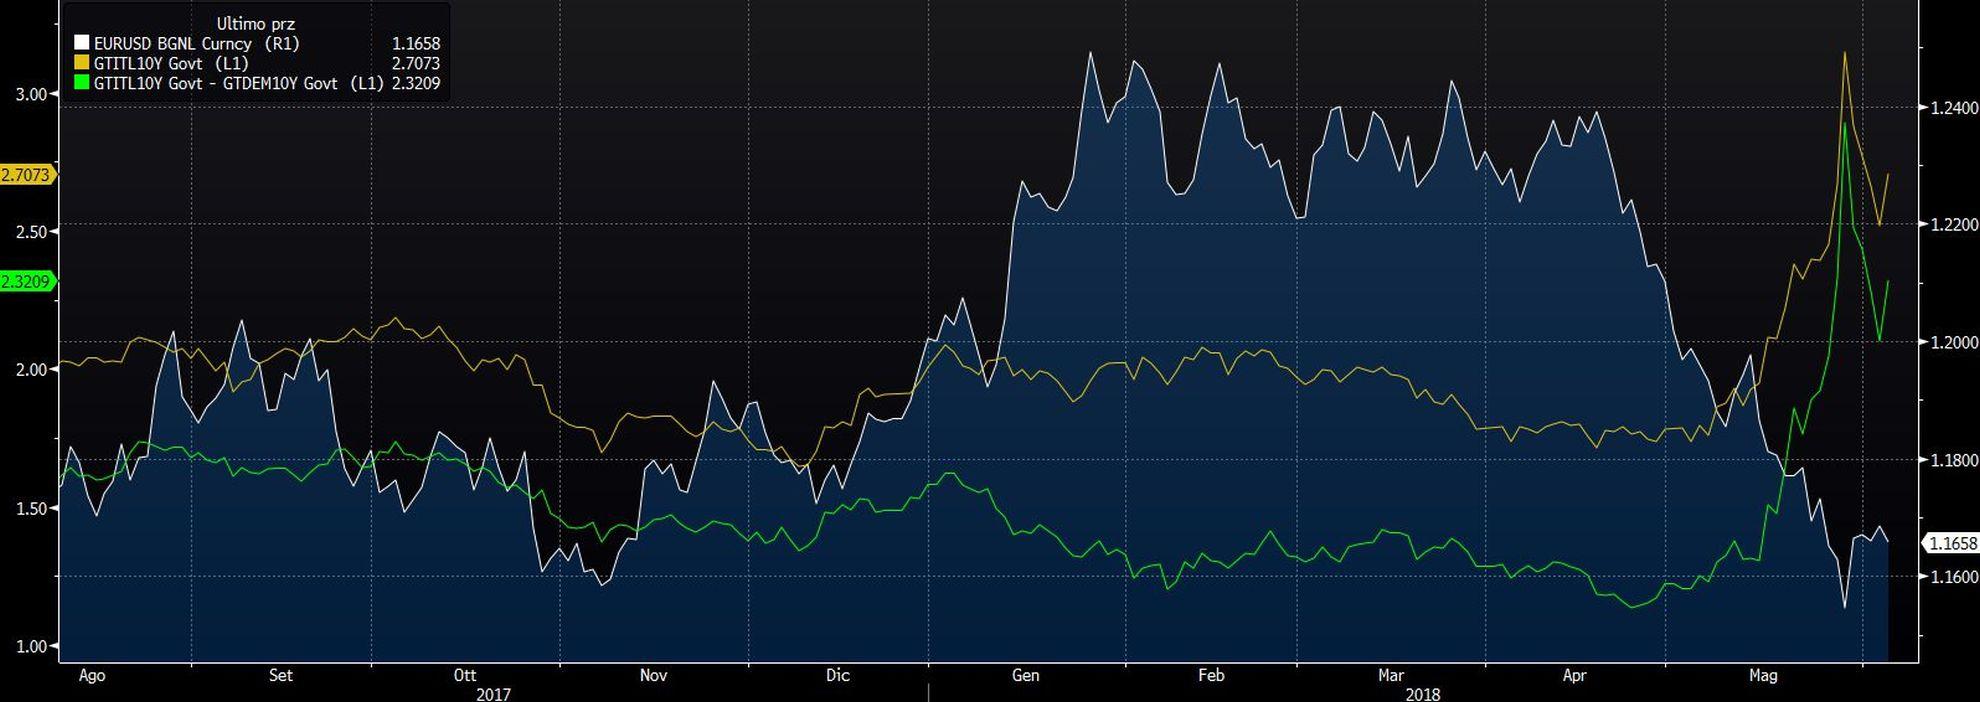 La discesa dell'euro contro dollaro in corrispondenza dell'aumento dello spread Btp-Bund